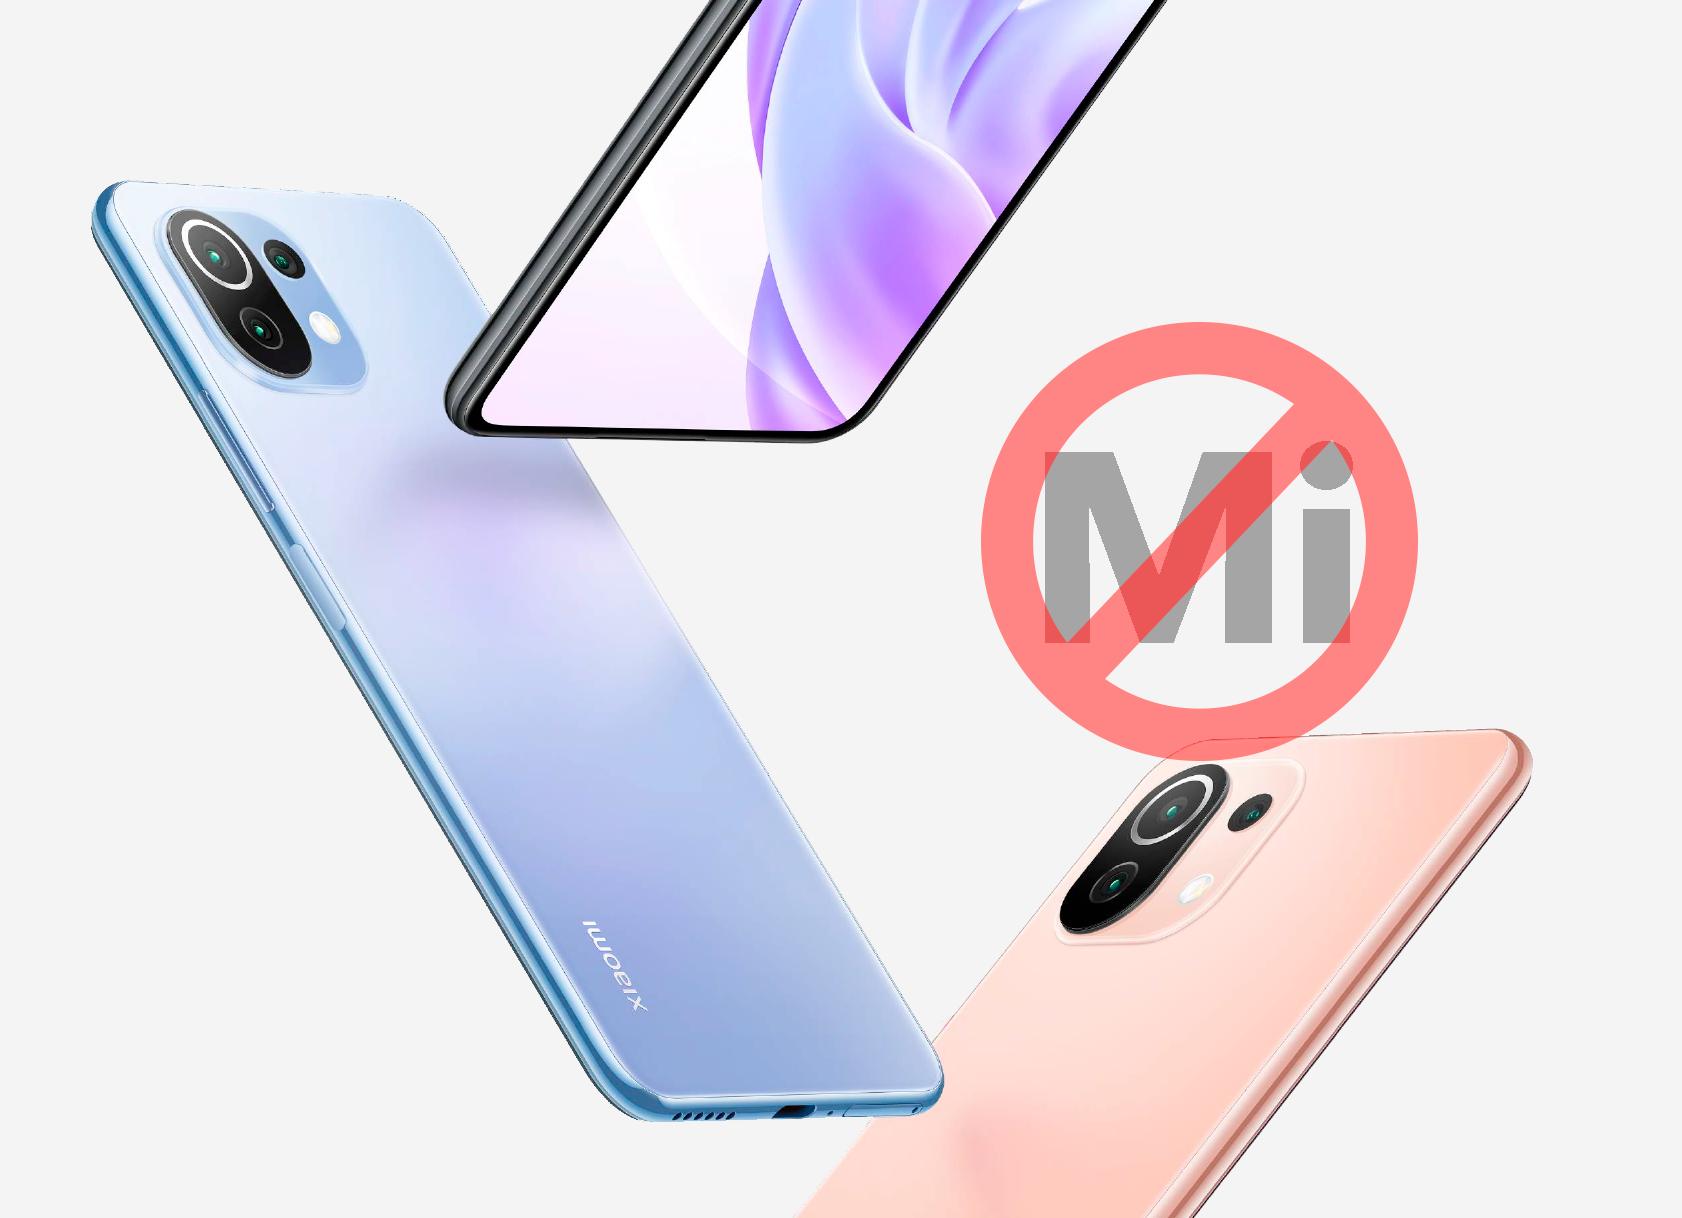 Adiós a los móviles Xiaomi Mi, así se llamarán los próximos Xiaomi